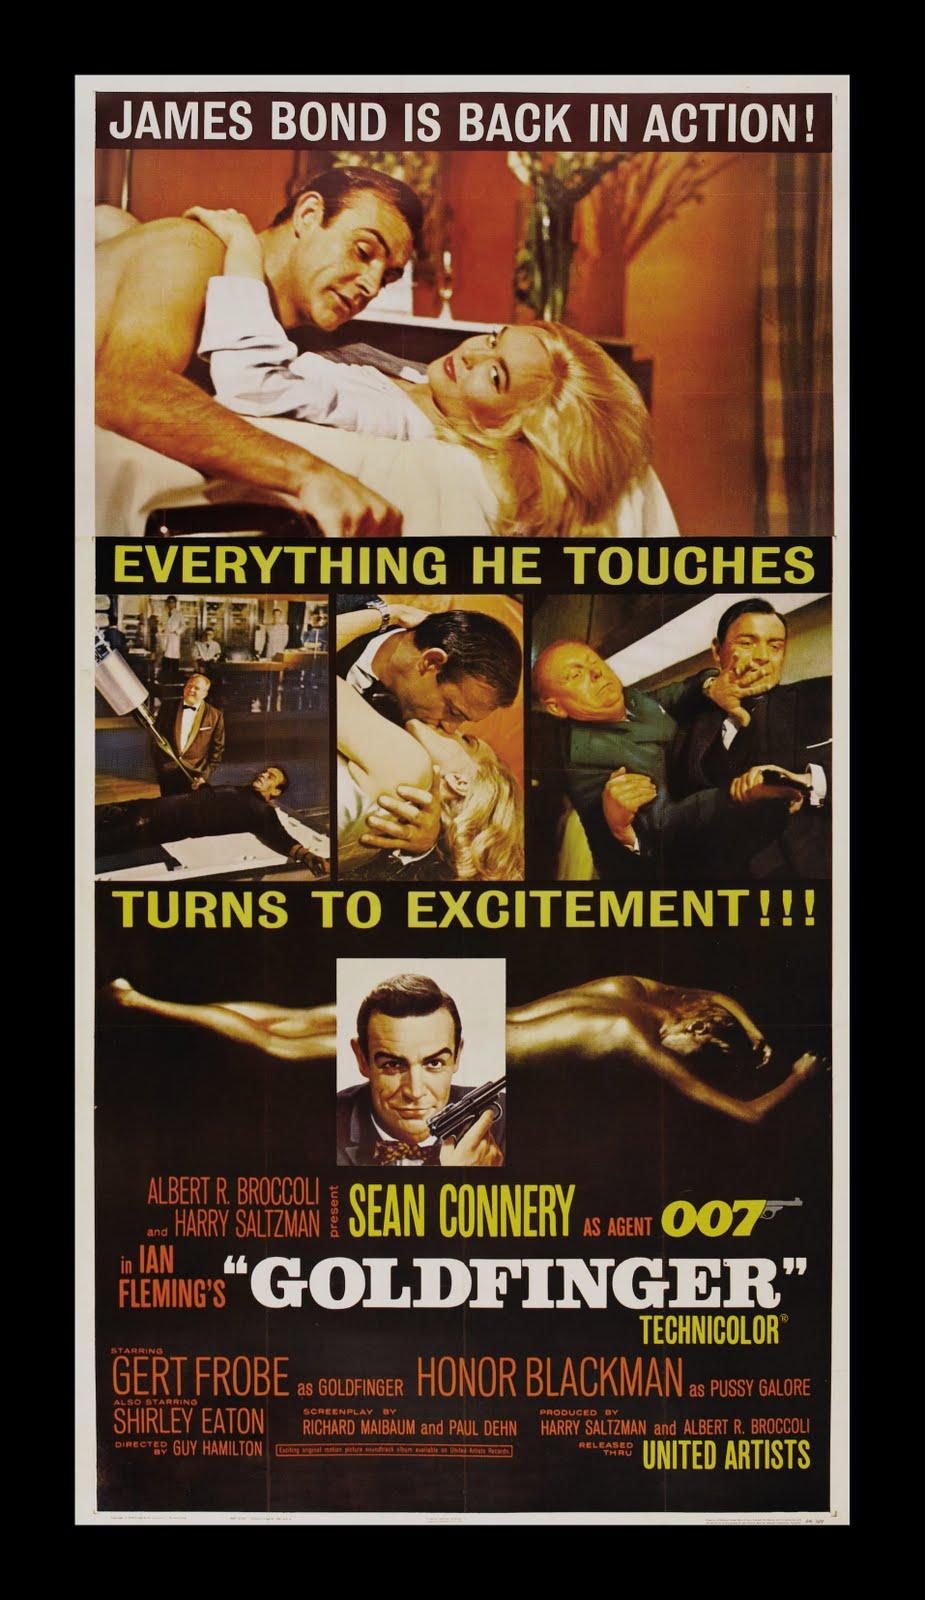 007 goldfinger movie: